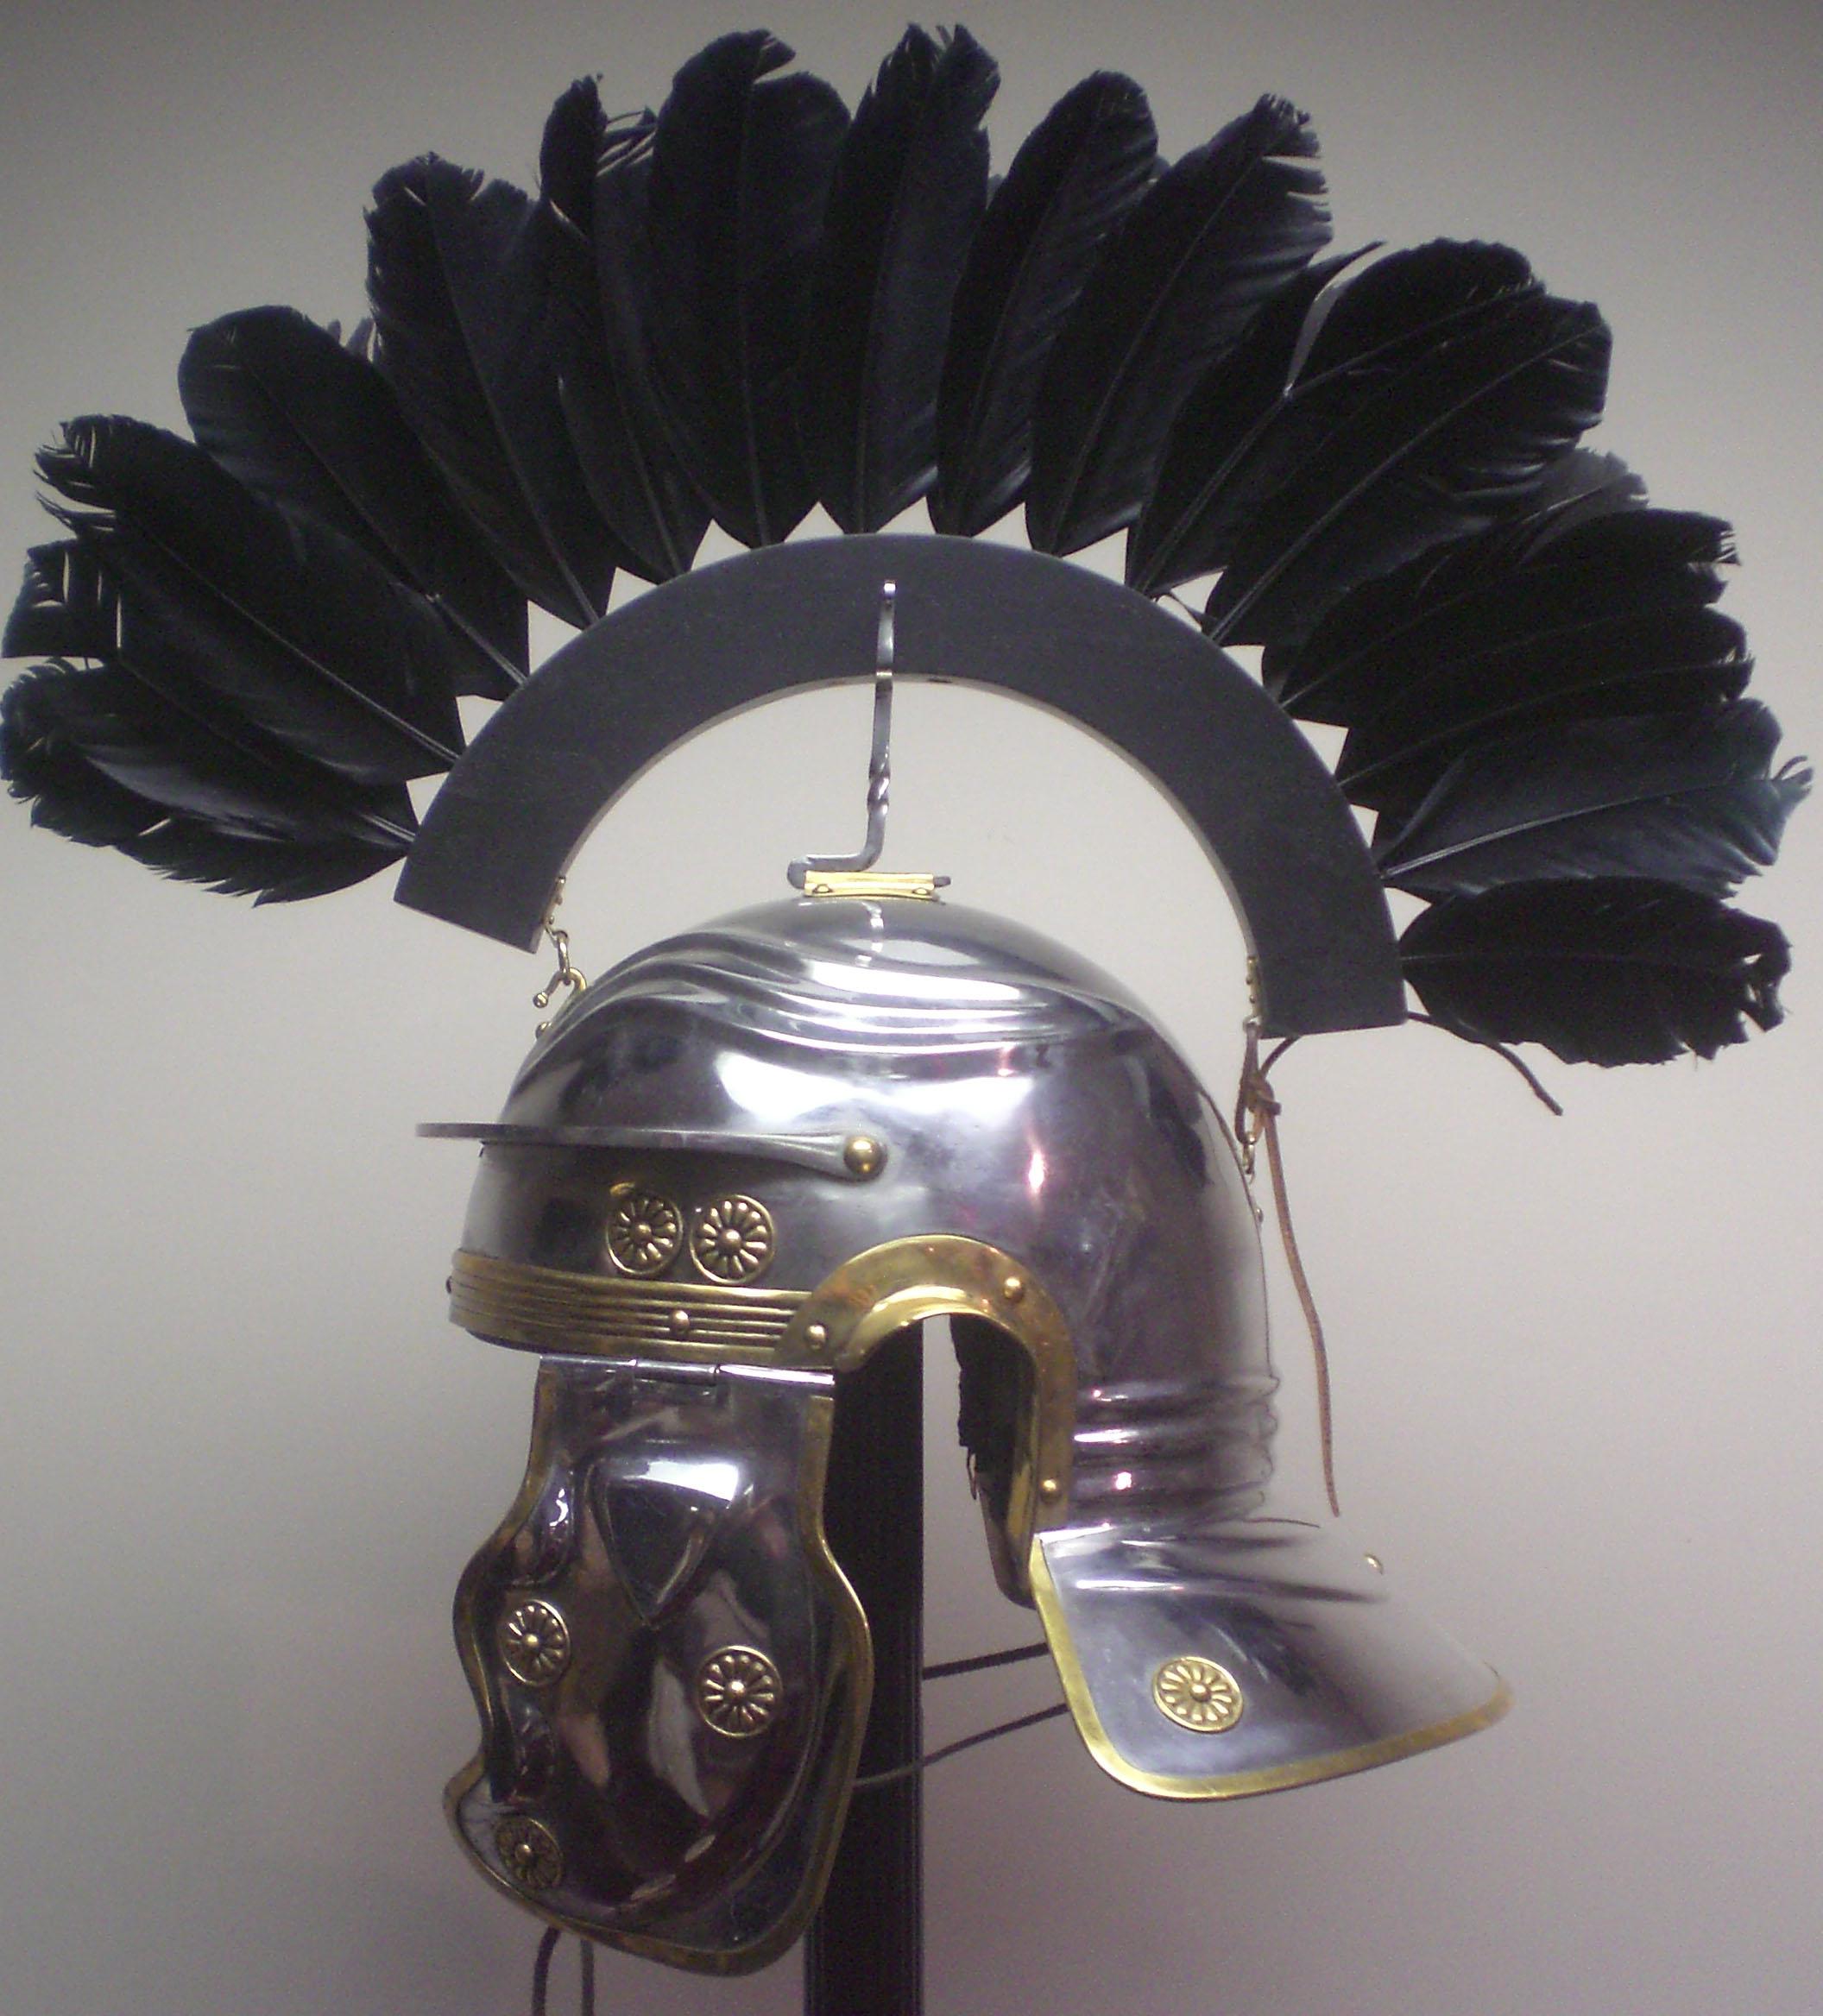 helmet-3-left-web.jpg